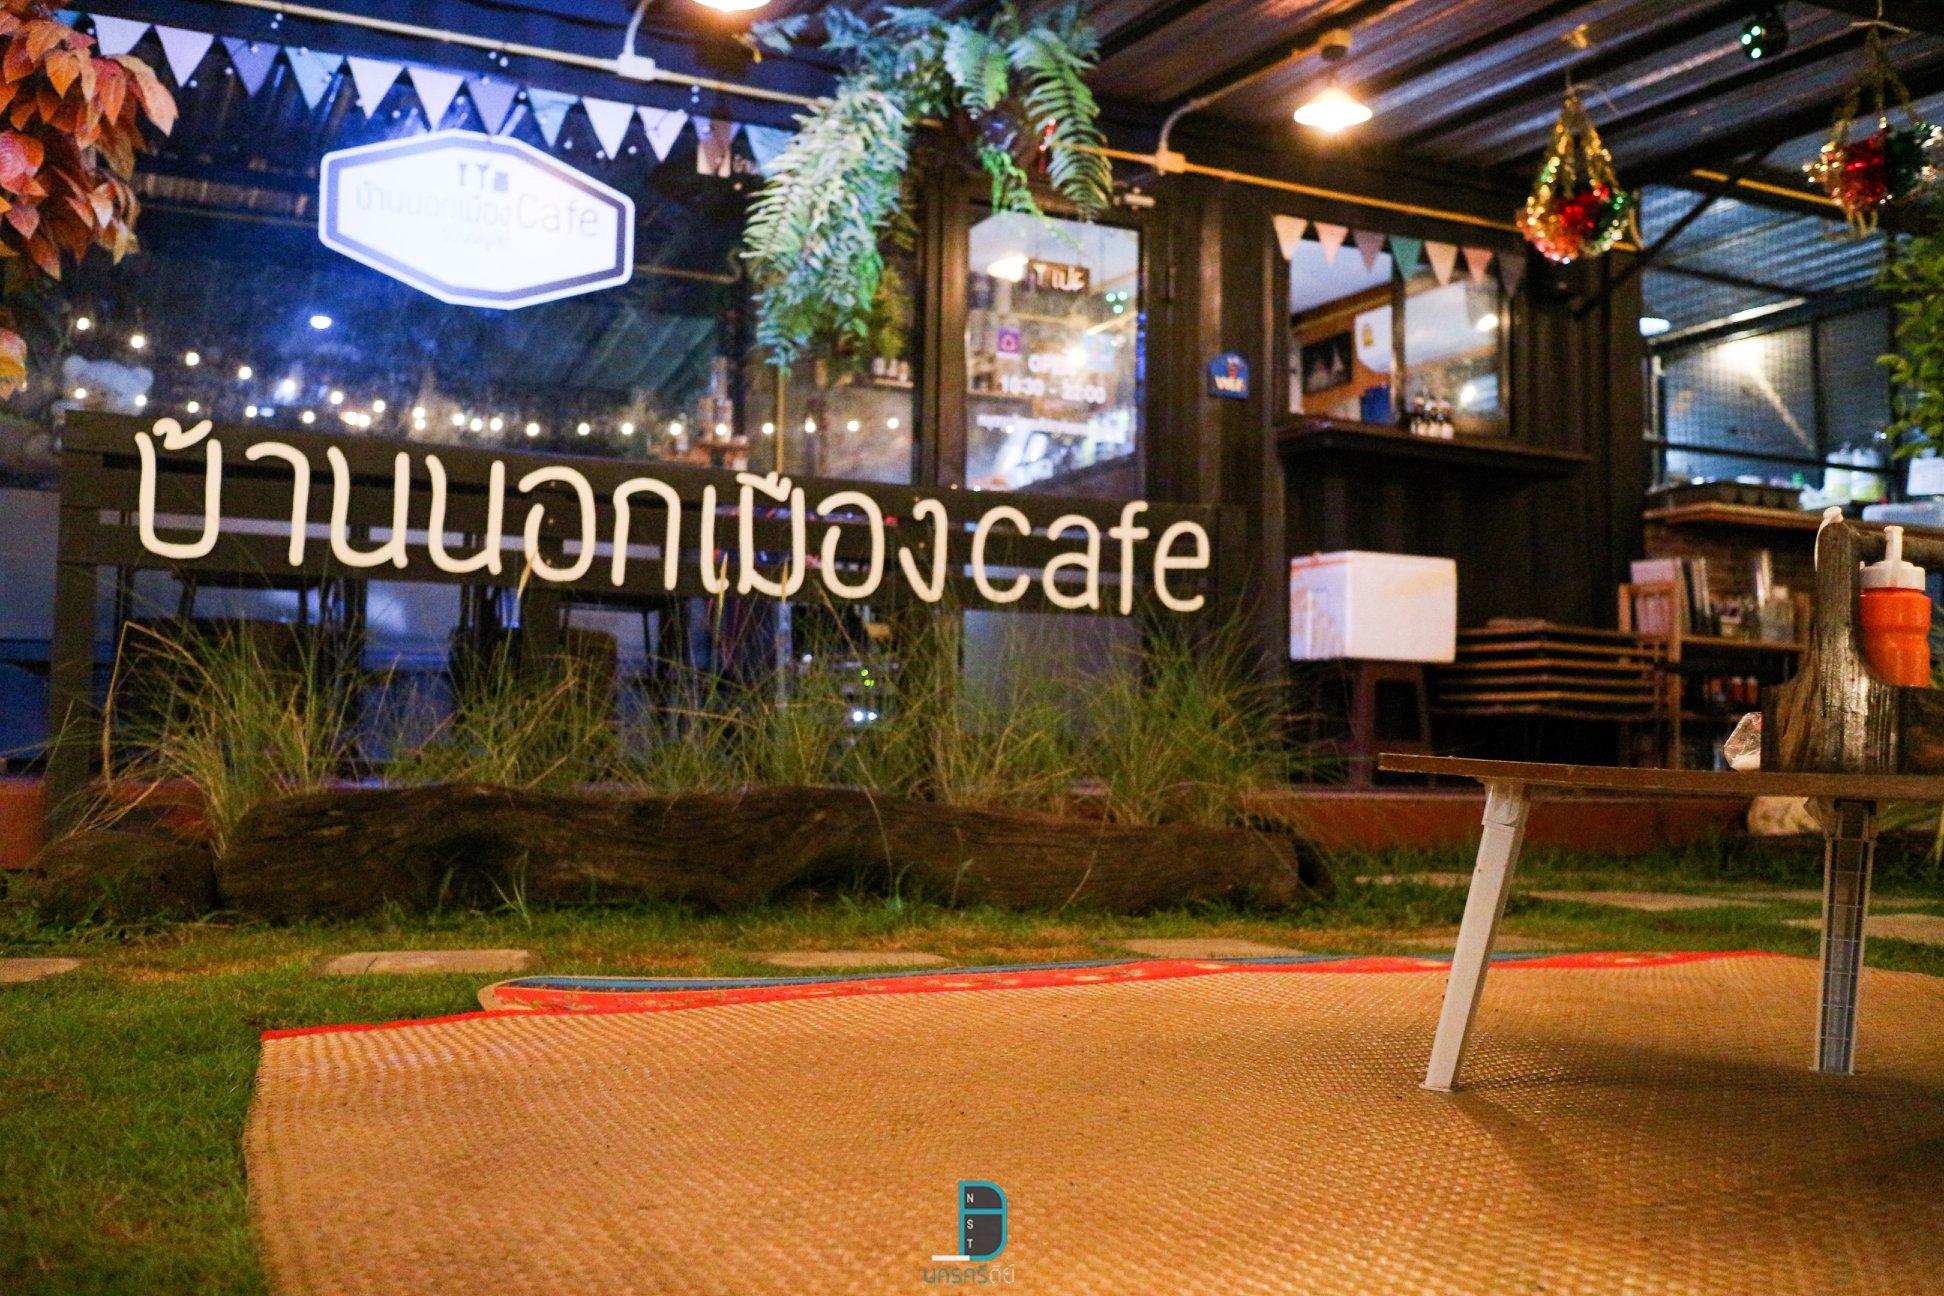 บ้านนอกเมือง Cafe ร่อนพิบูลย์ มันจะดีแค่ไหน ถ้าวันหนึ่งเราเดินเข้าป่า แล้วเจอคาเฟ่ นครศรีดีย์